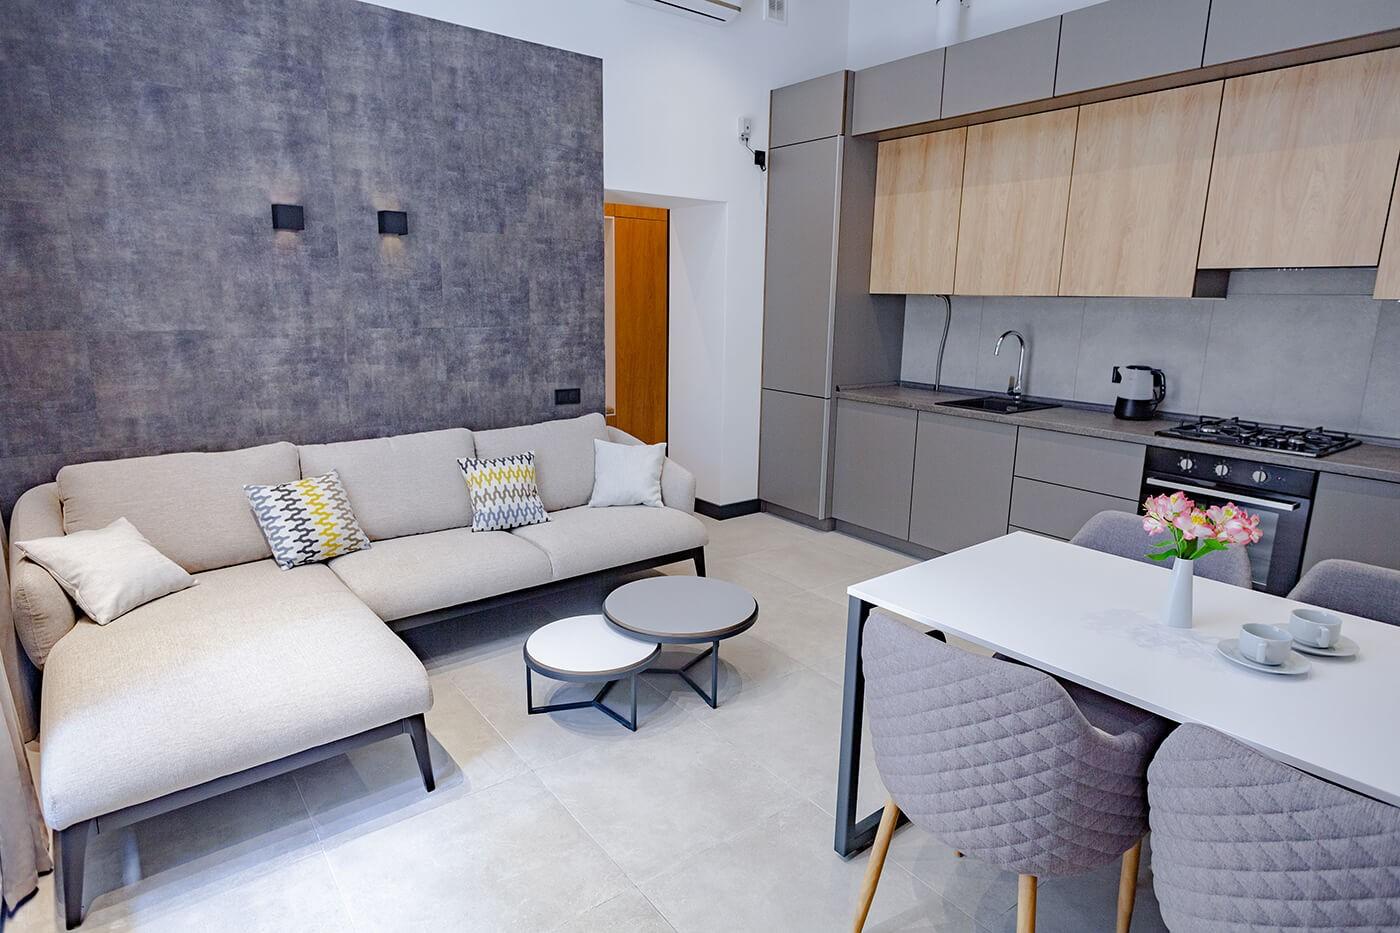 Комфортні вокімнатні апартаменти в оренду у центрі міста. Без агентських комісій.